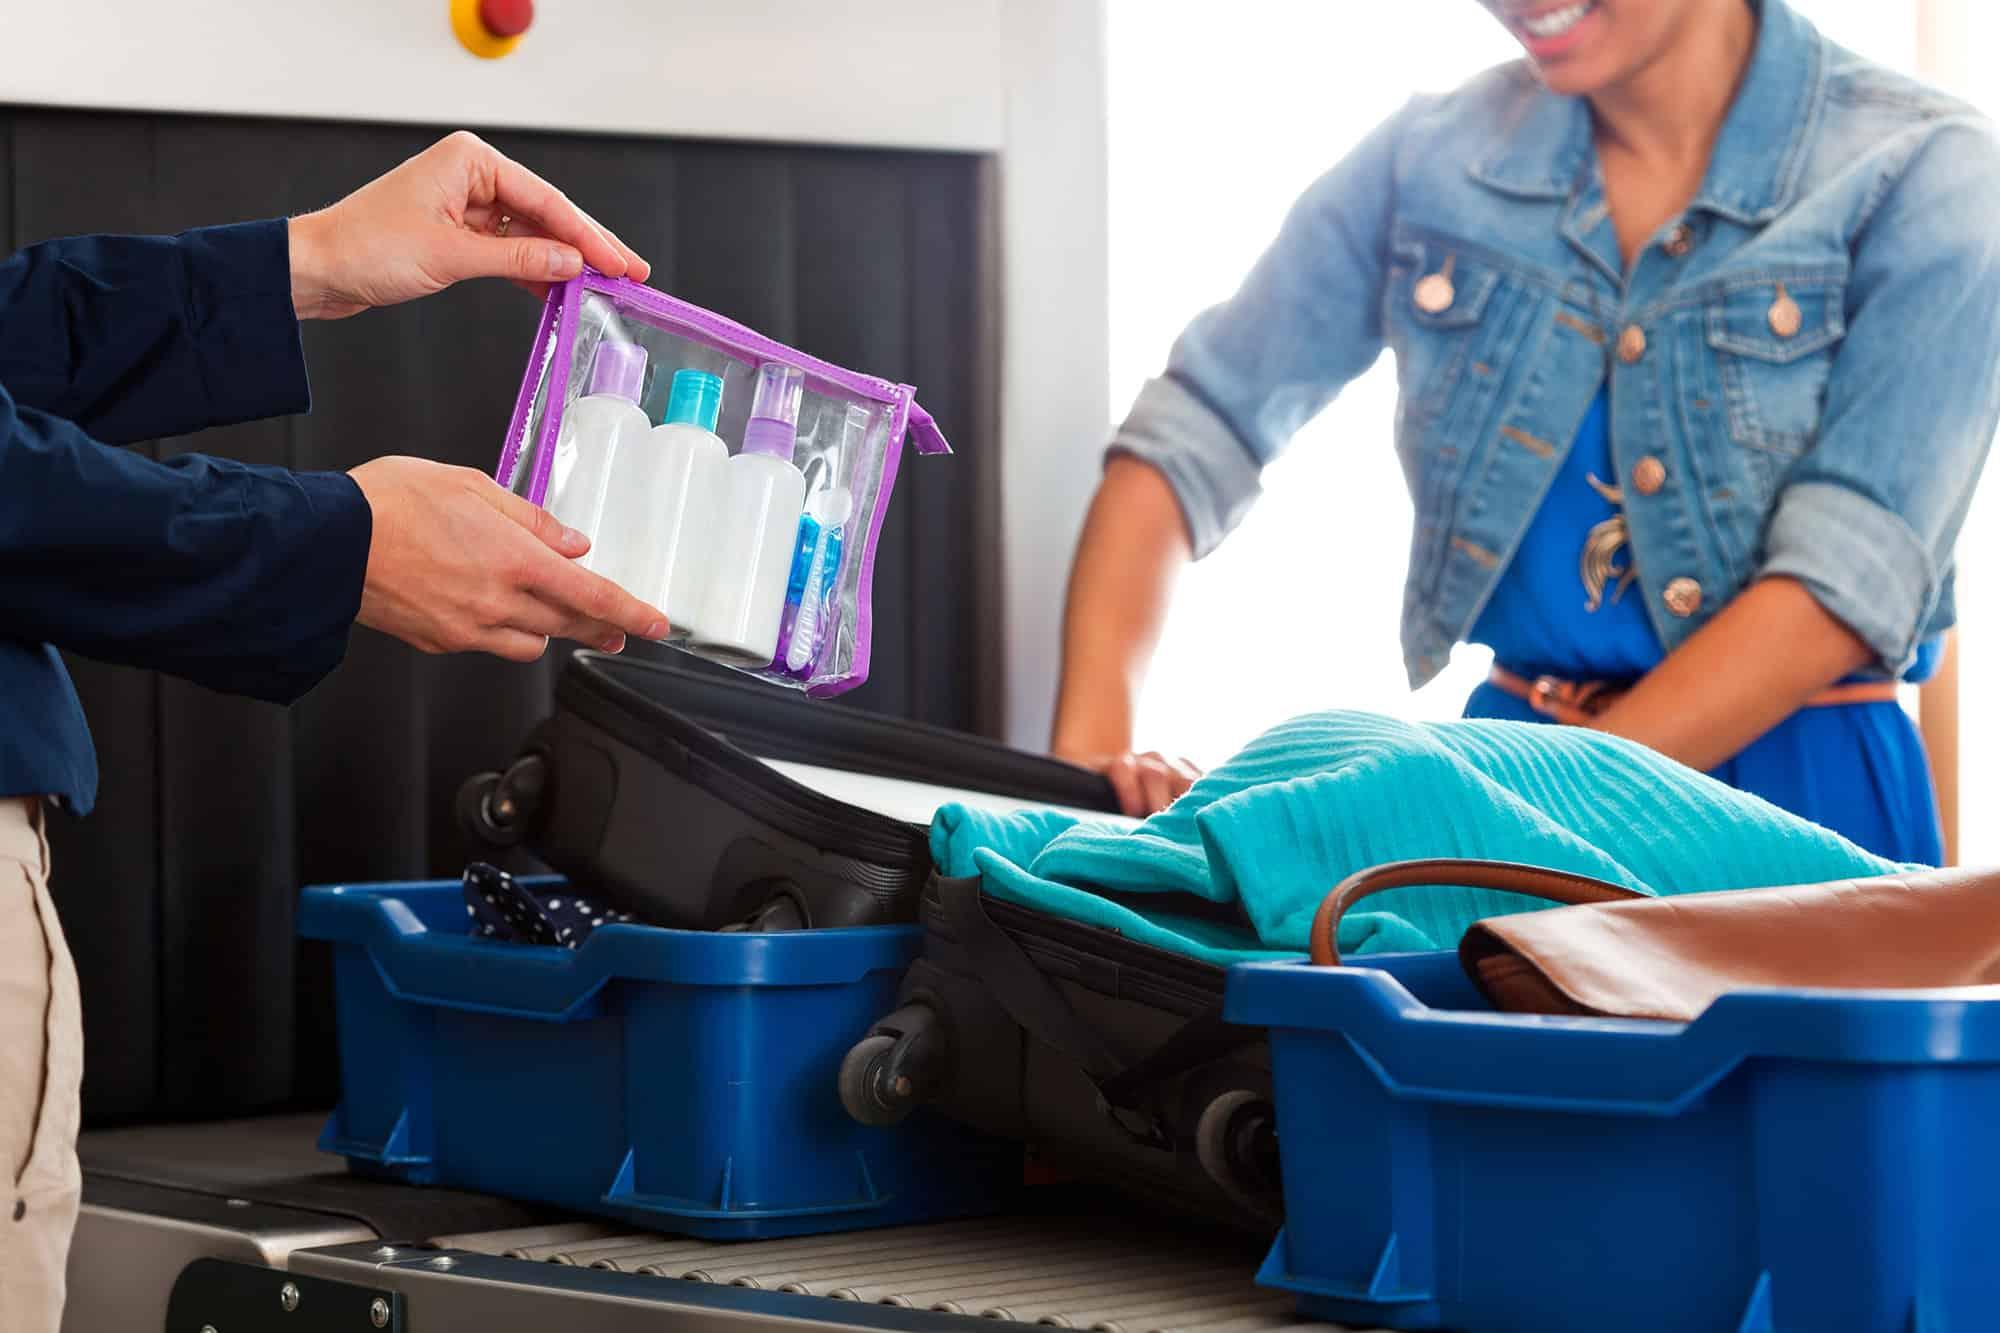 Bis zu 100 ml Flüssigkeit pro Behälter dürfen auch im Handgepäck befördert werden, wenn sie in einem transparenten, wiederverschließbaren 1 Liter Plastikbeutel verpackt sind.